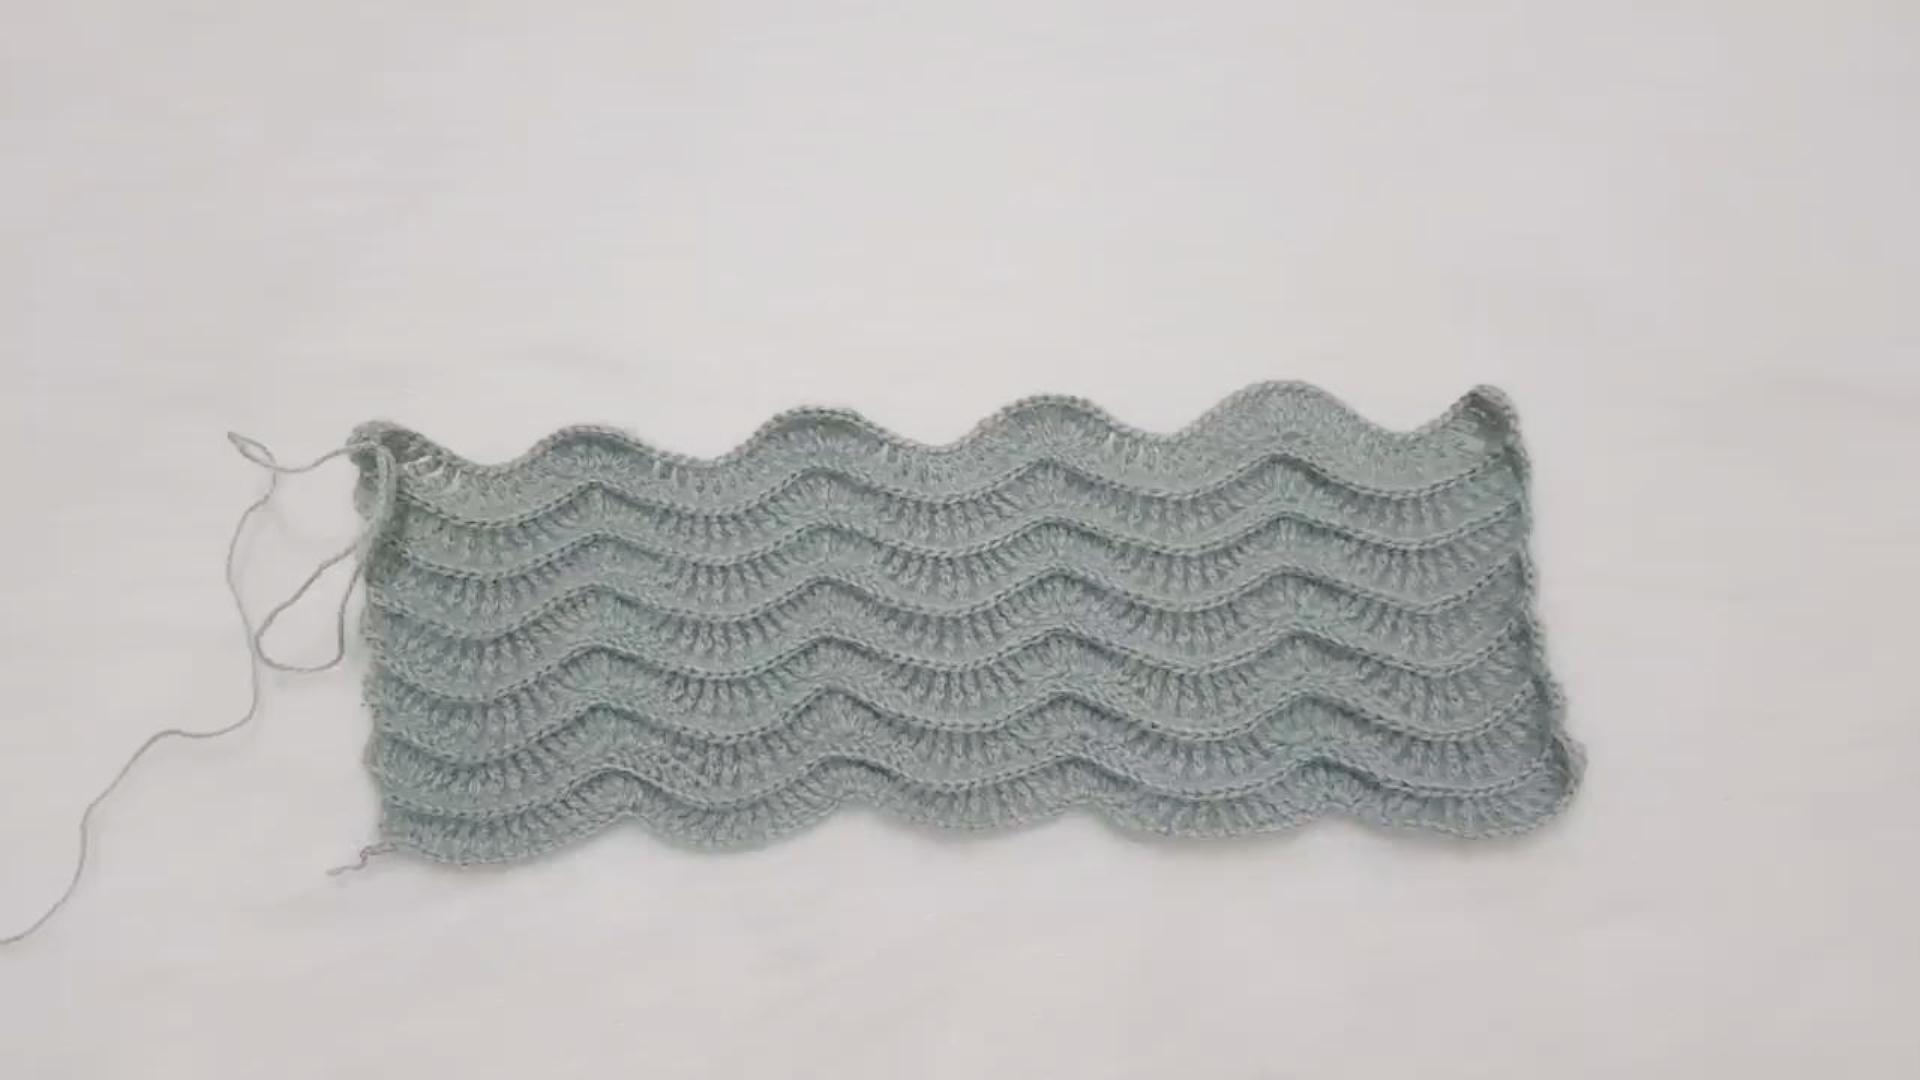 钩针编织教程,波浪花纹的钩织方法,简单易学!